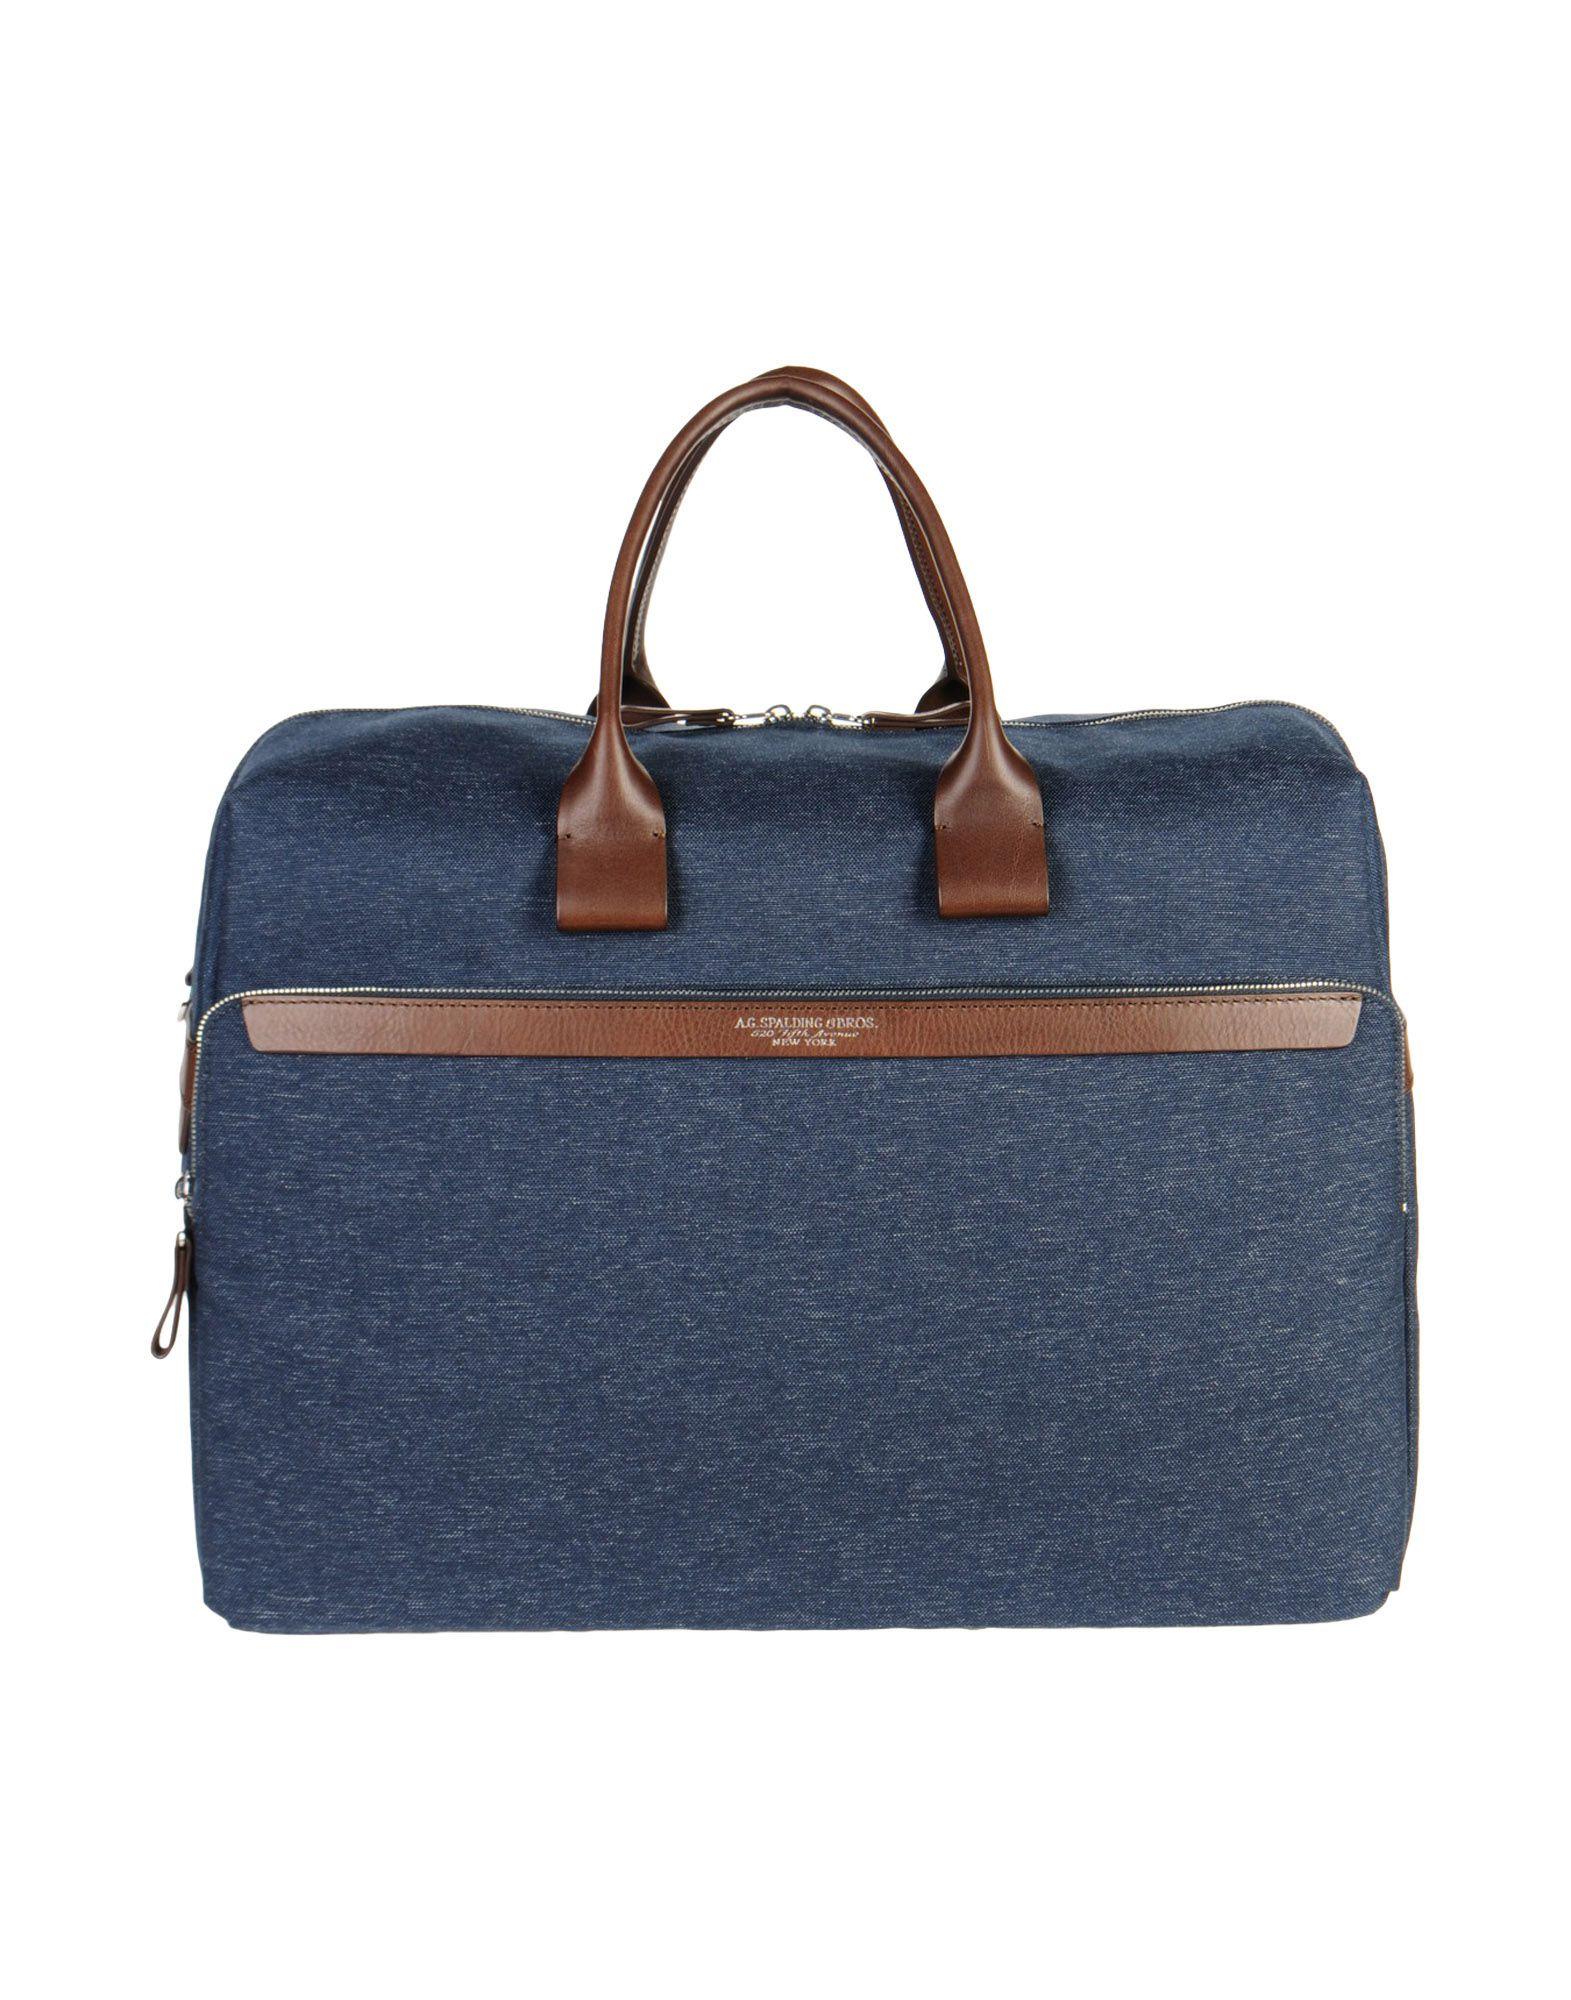 A.G. SPALDING & BROS. 520 FIFTH AVENUE New York Damen Reisetasche Farbe Blau Größe 1